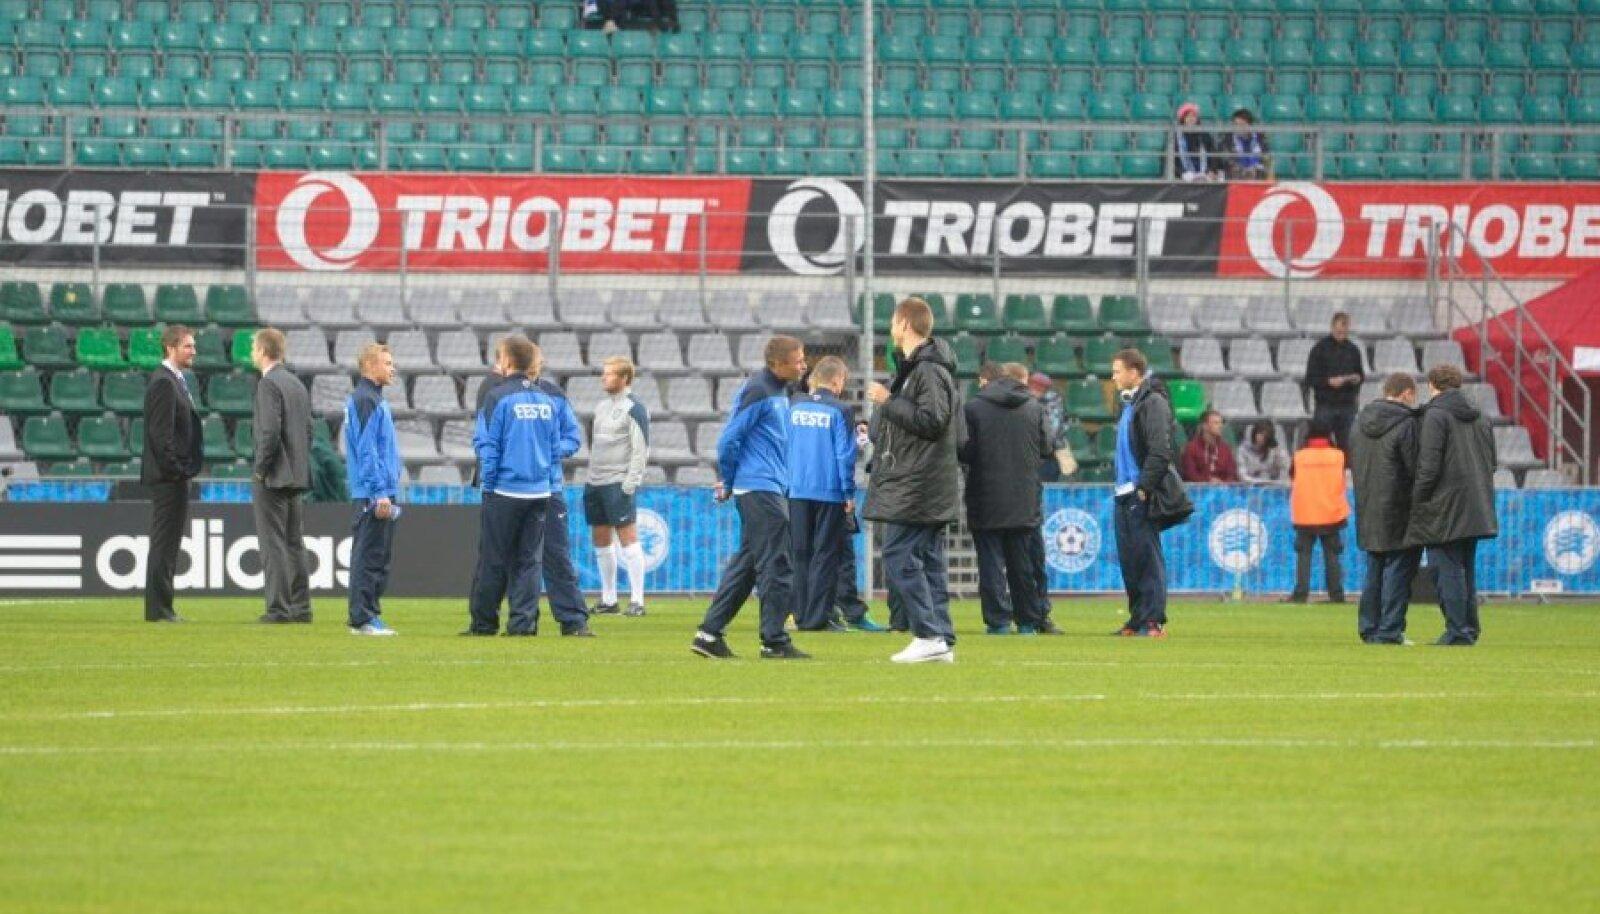 Äsja staadionile saabunud Eesti jalgpallikoondis